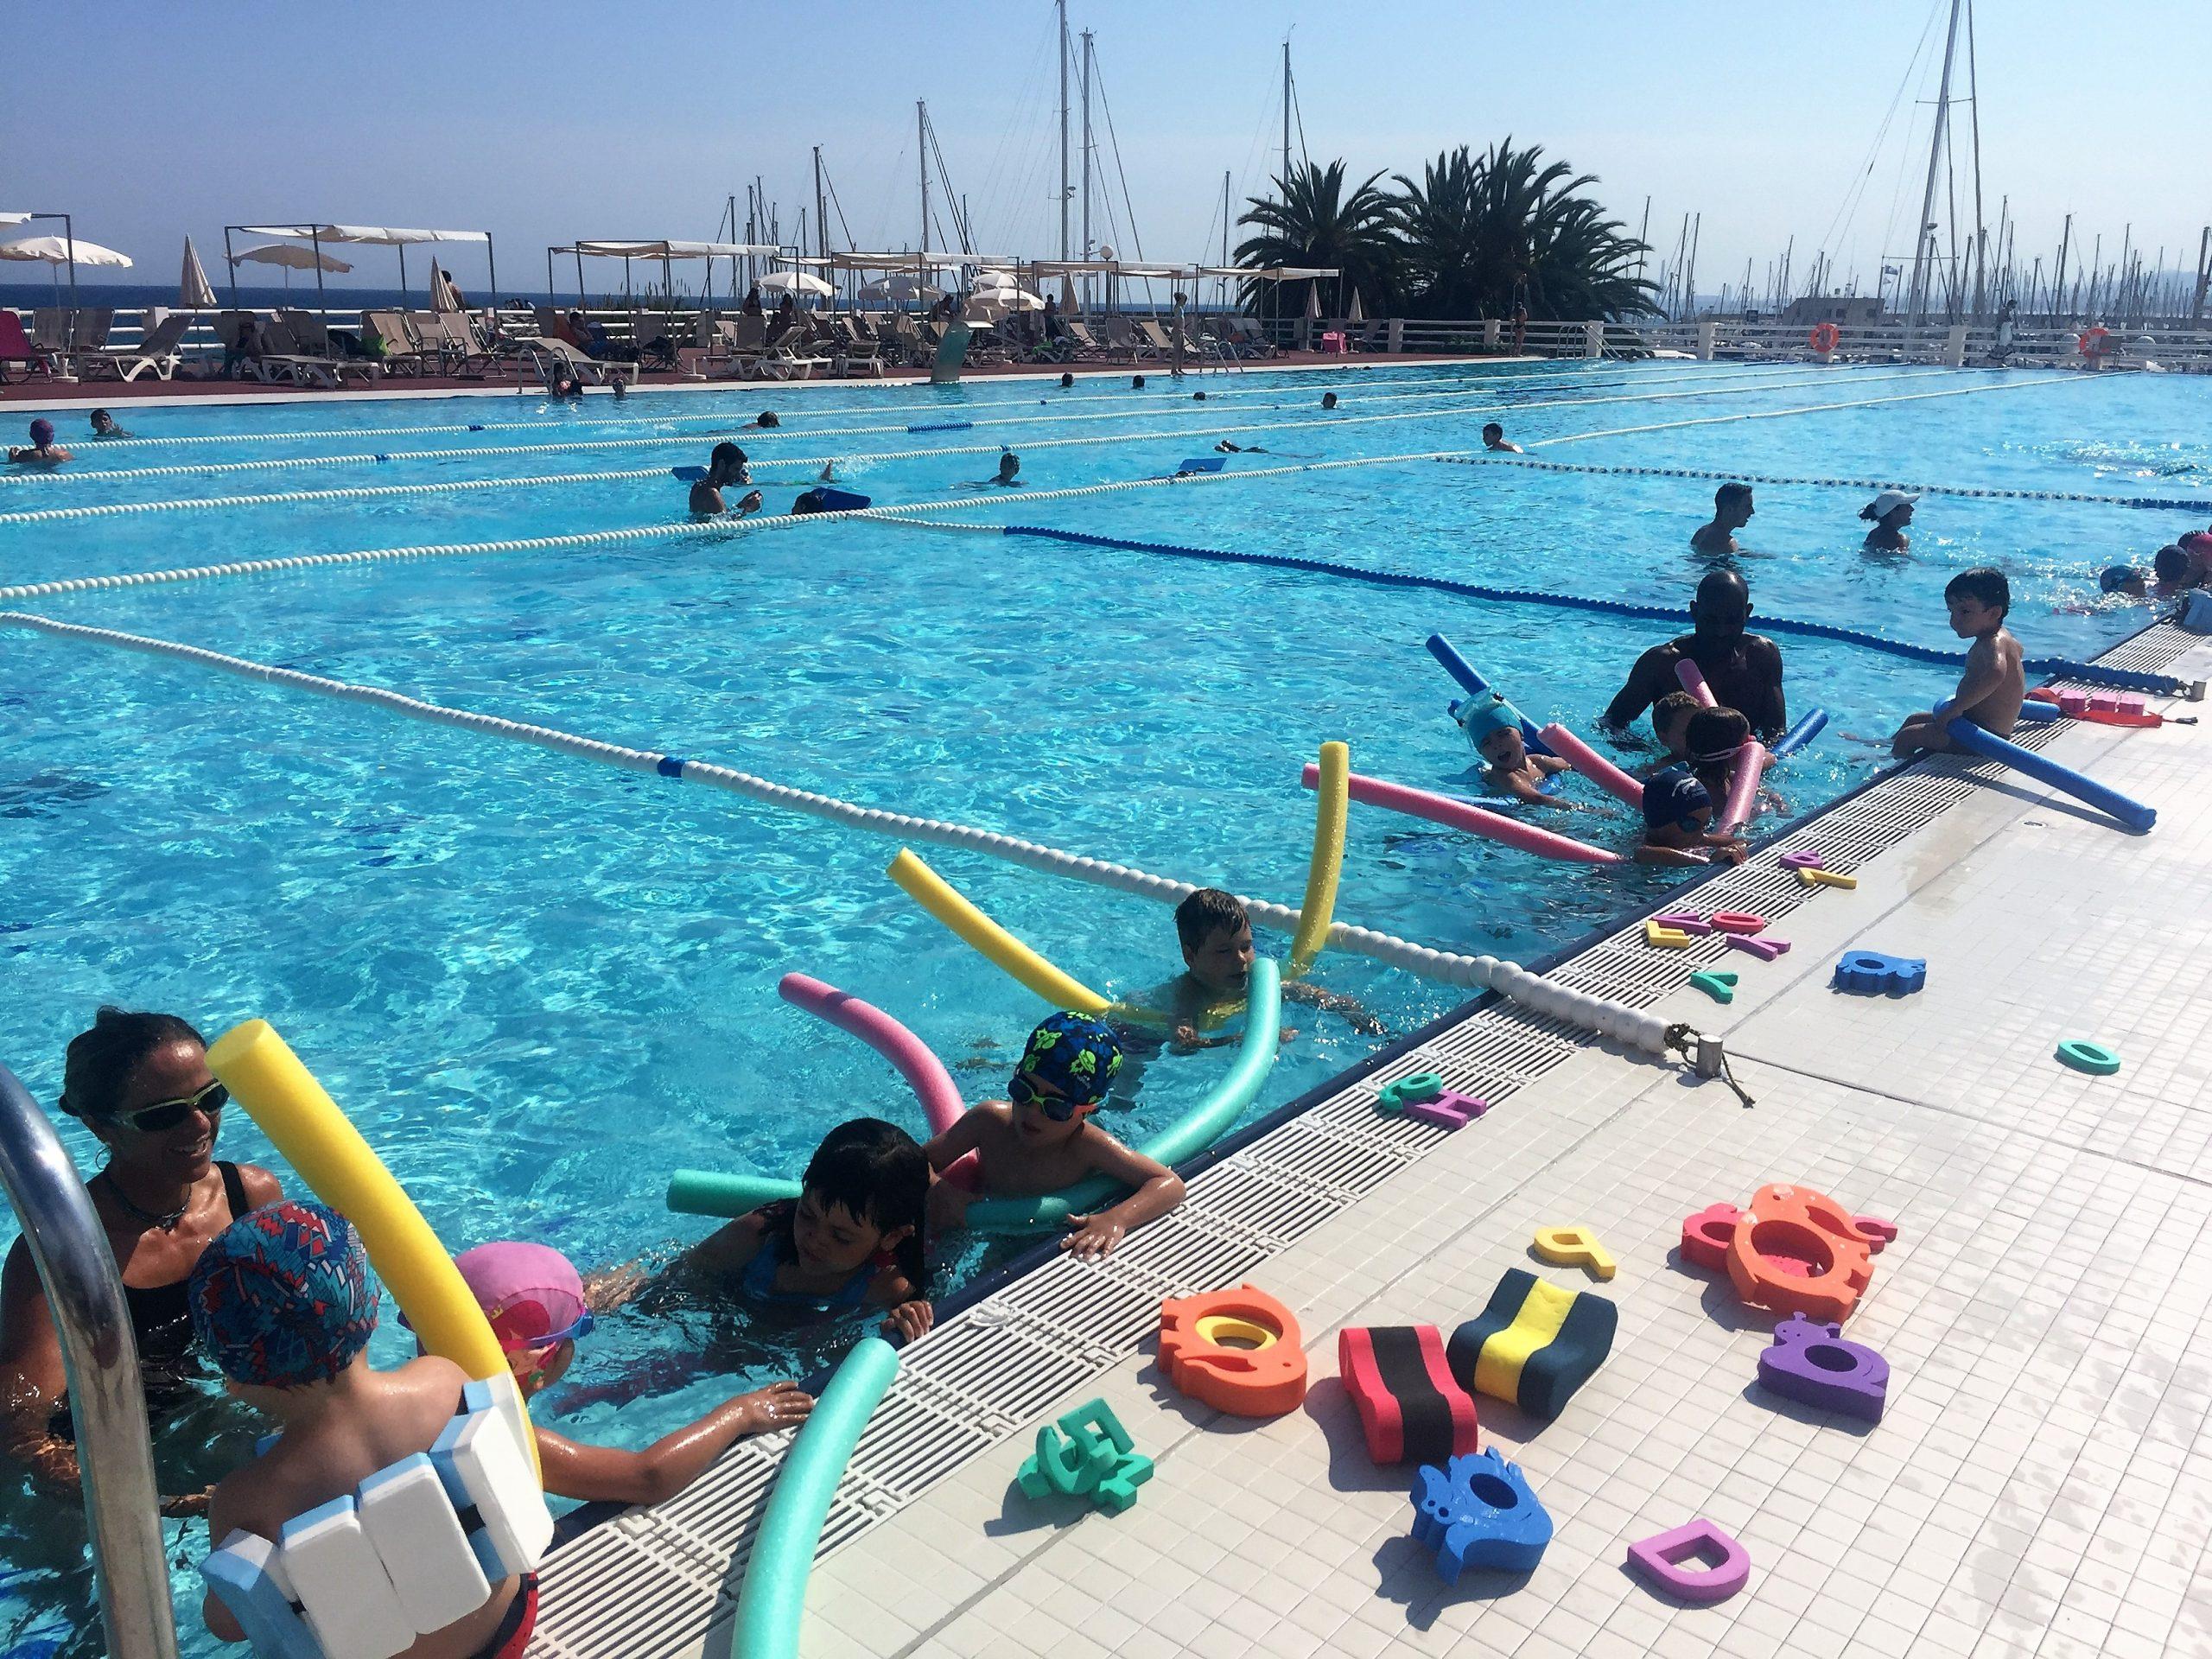 natacio, nens, infantil, piscina, exterior, fitness, extraescolar, olímpica, estiu